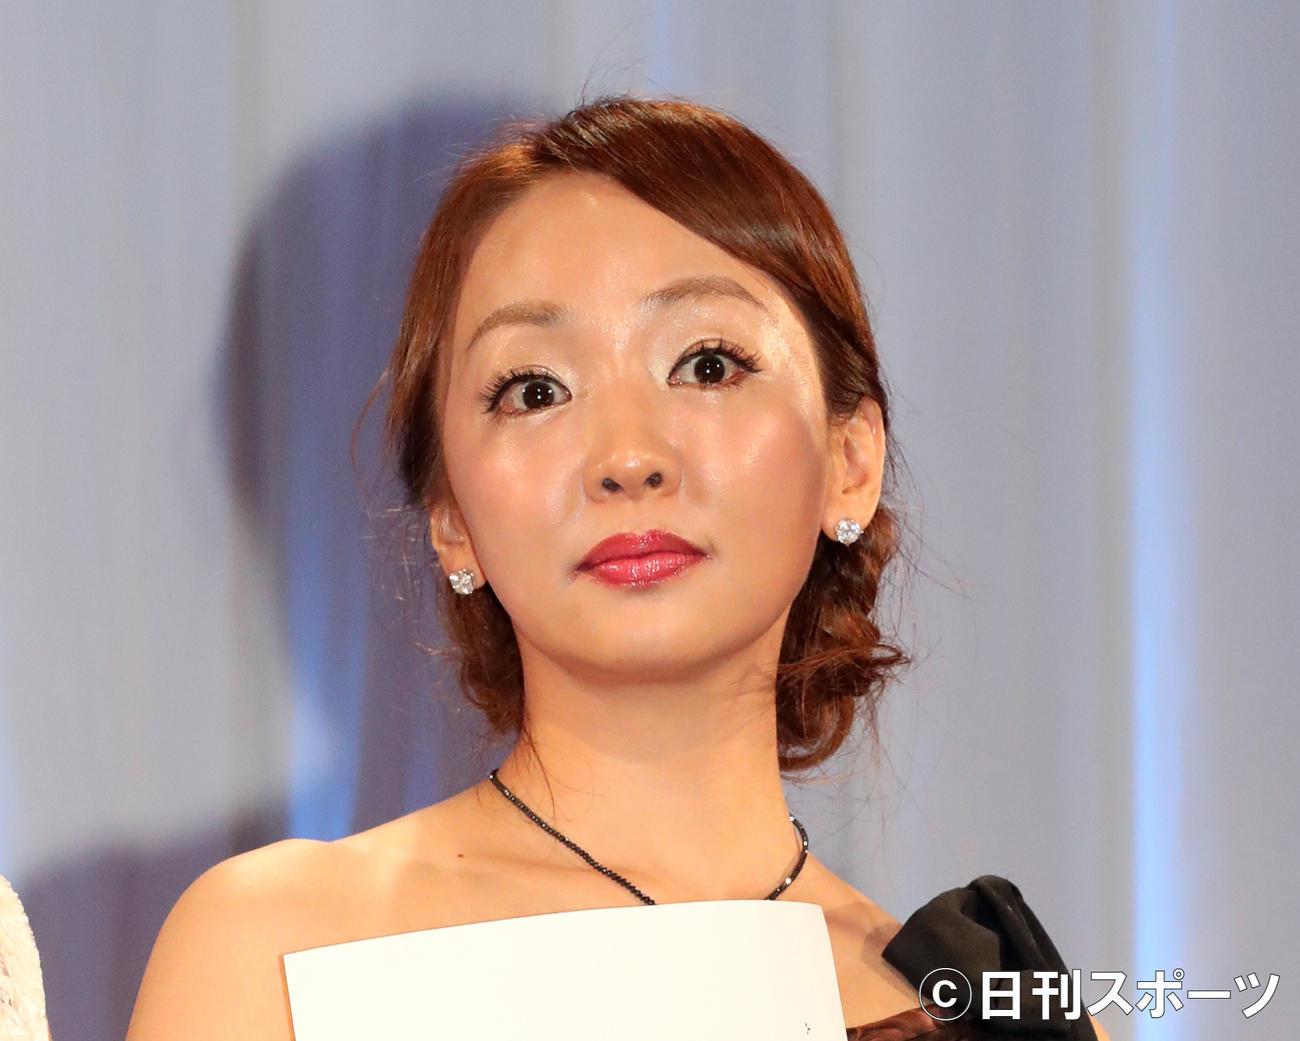 神田うの(2018年10月13日撮影)